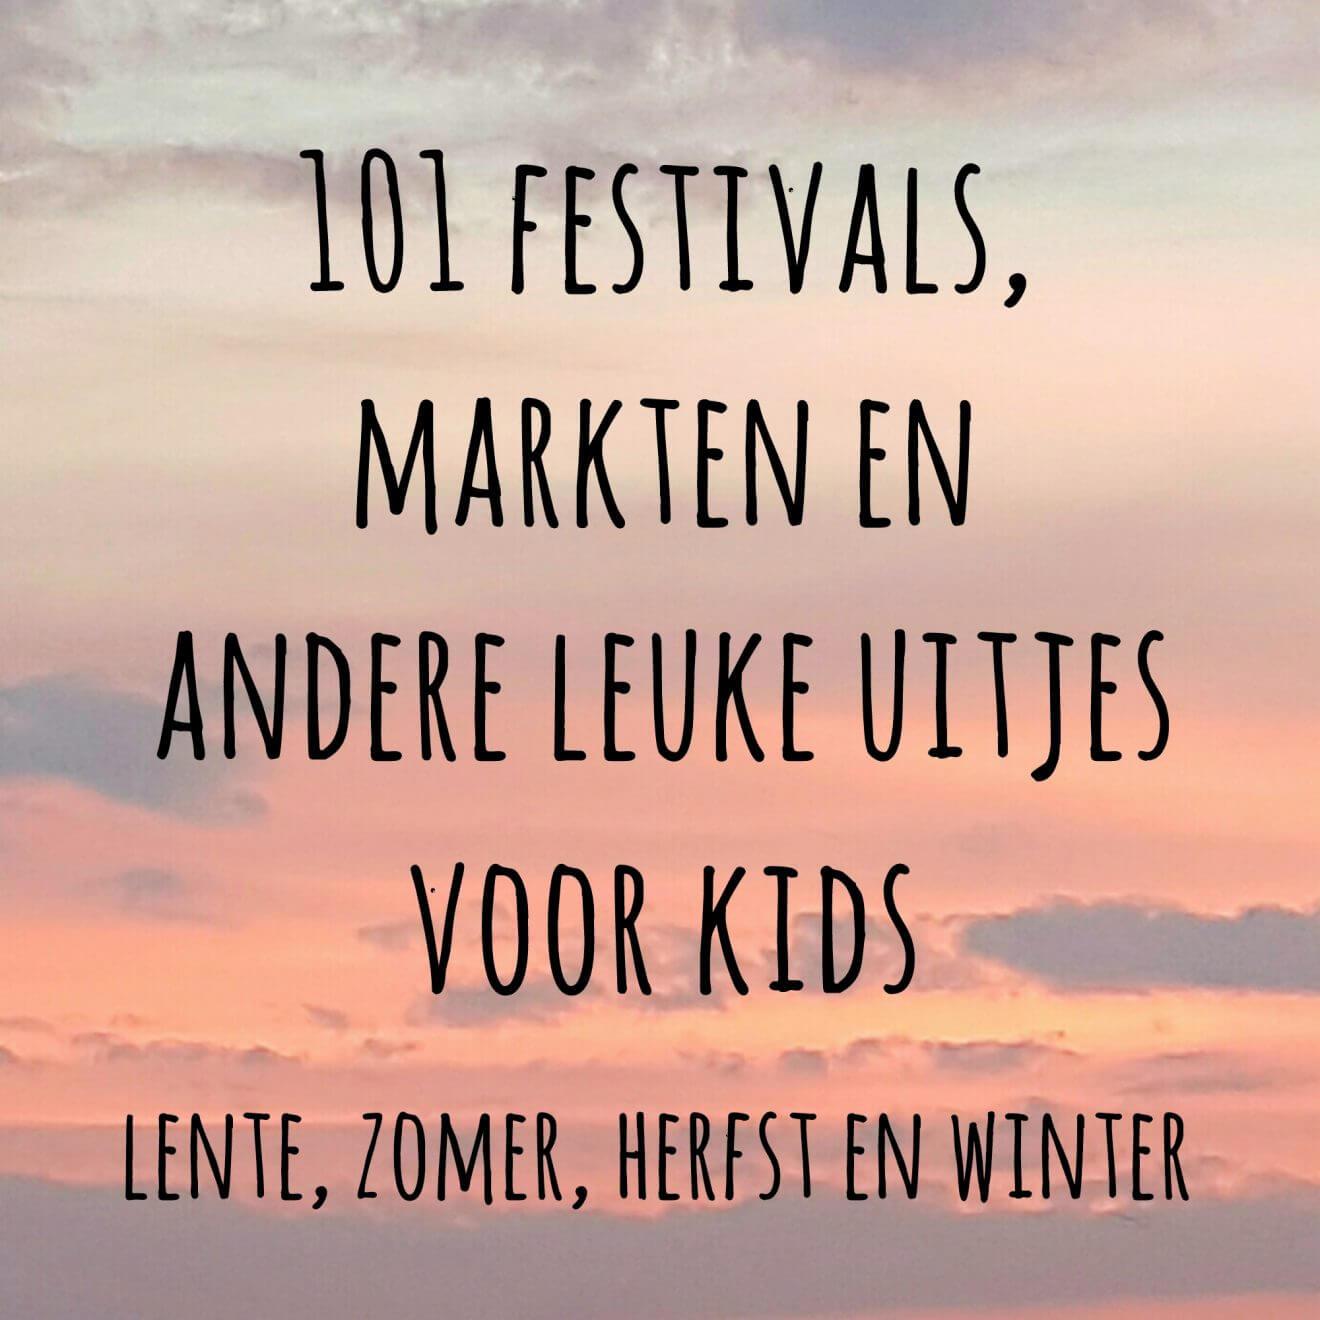 101 festivals, markten en andere leuke uitjes voor kinderen in lente, zomer, herfst en winter